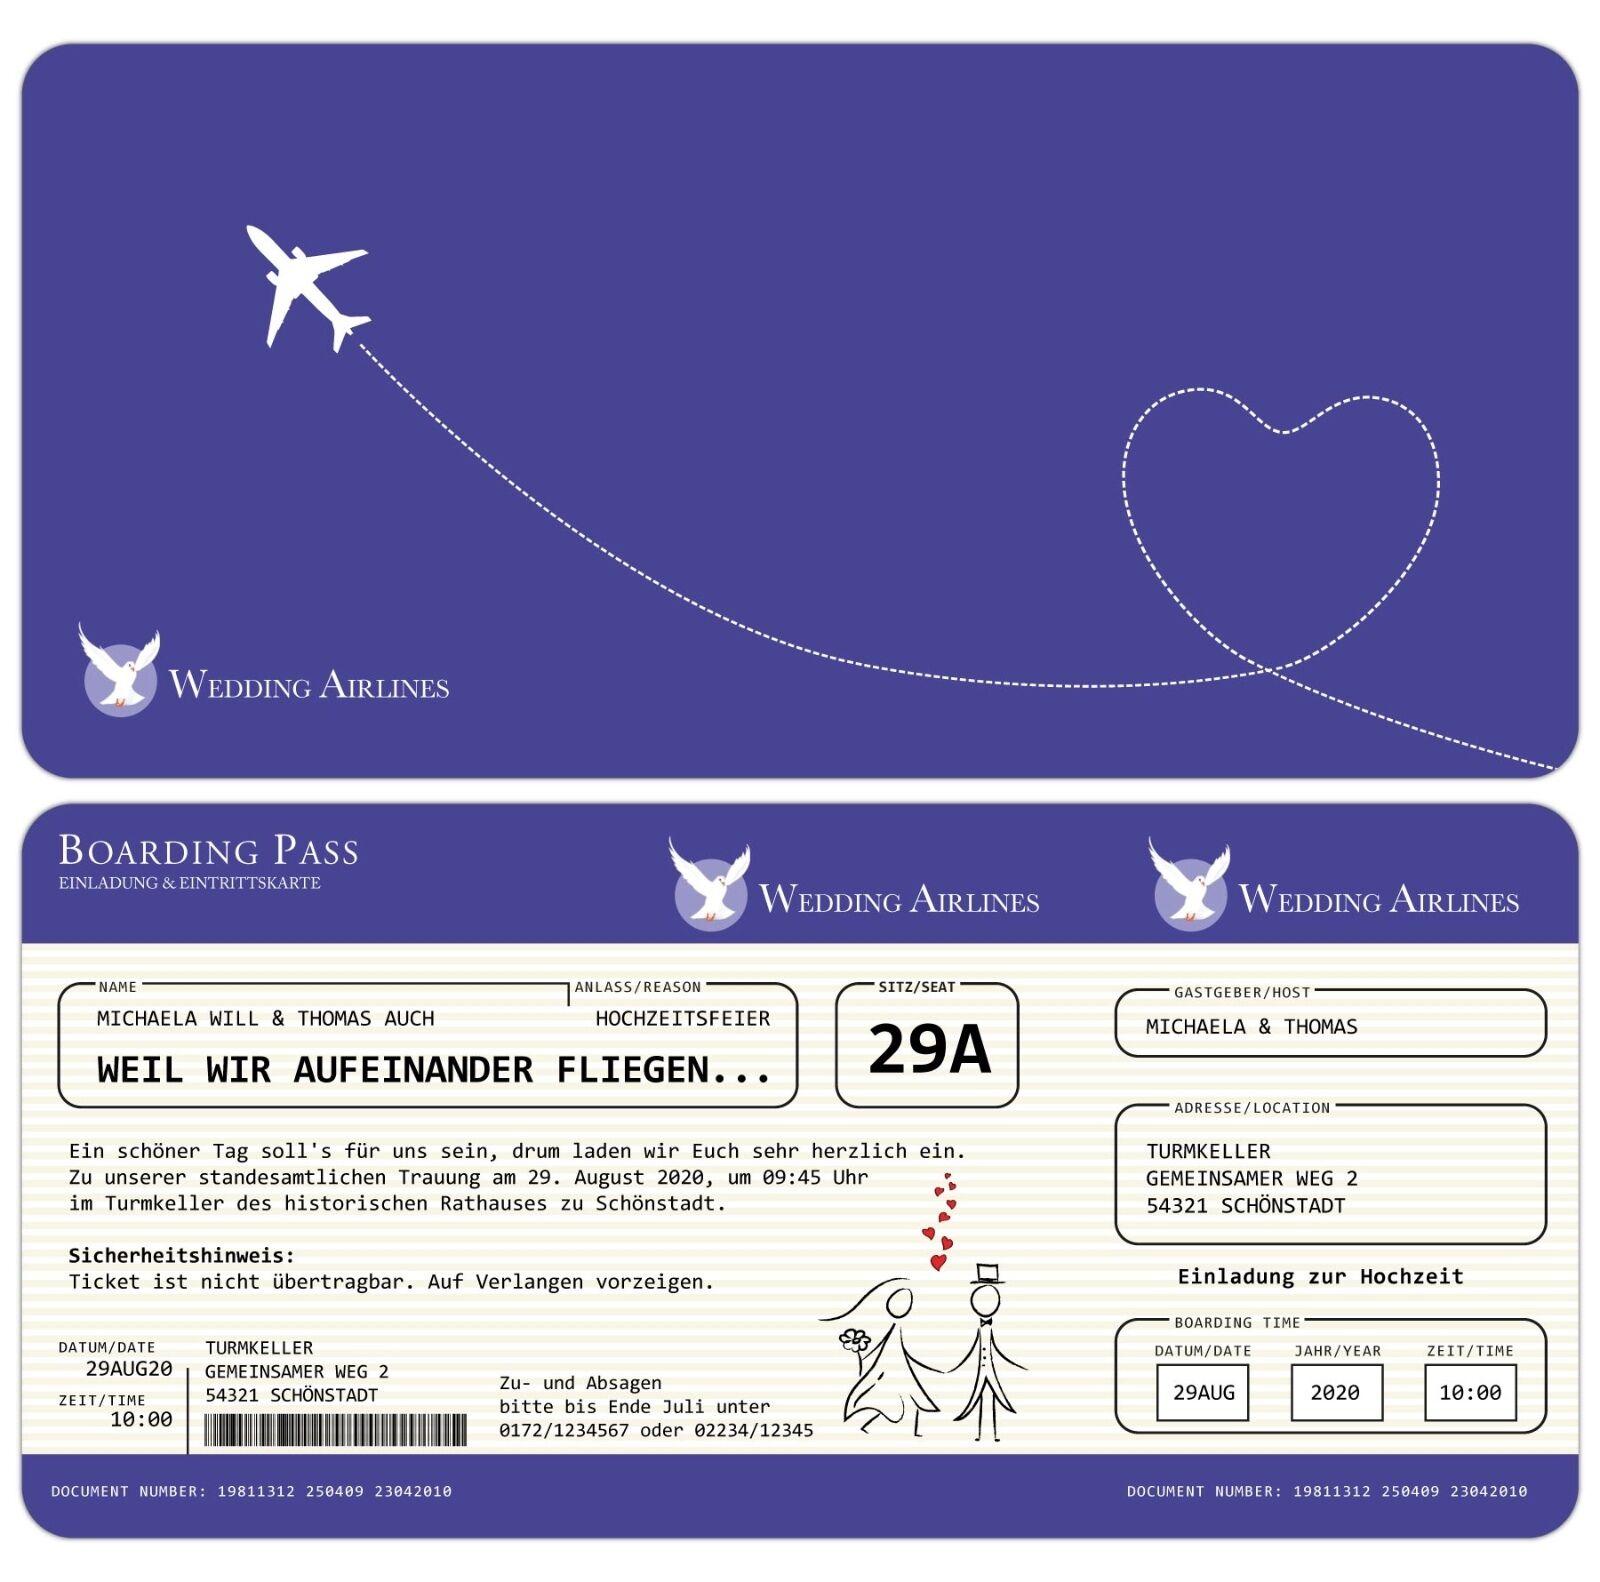 Einladung zur Hochzeit als Flugticket - Einladungskarte - Feier - Fest - Ticket